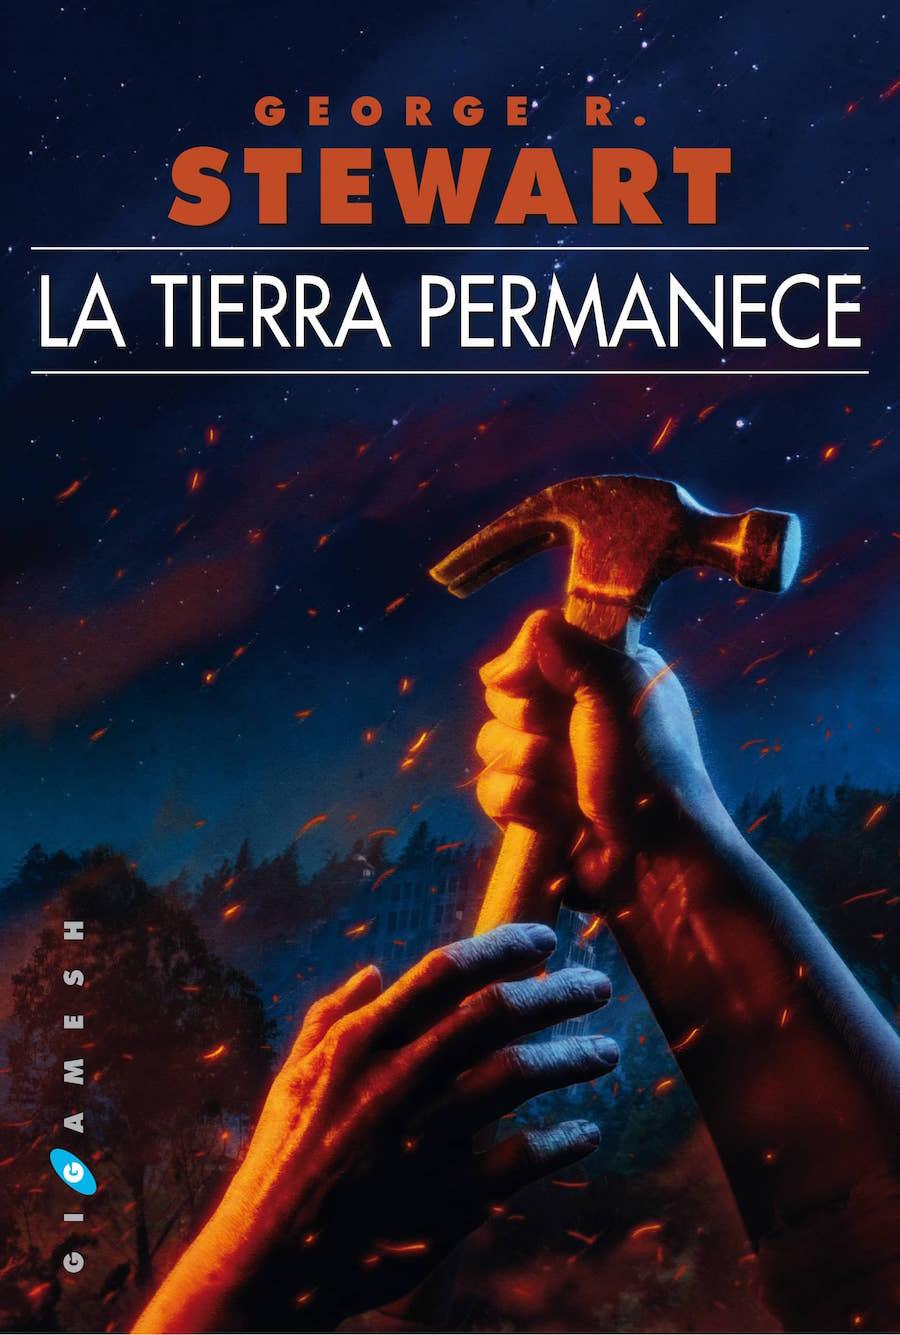 LA TIERRA PERMANECE